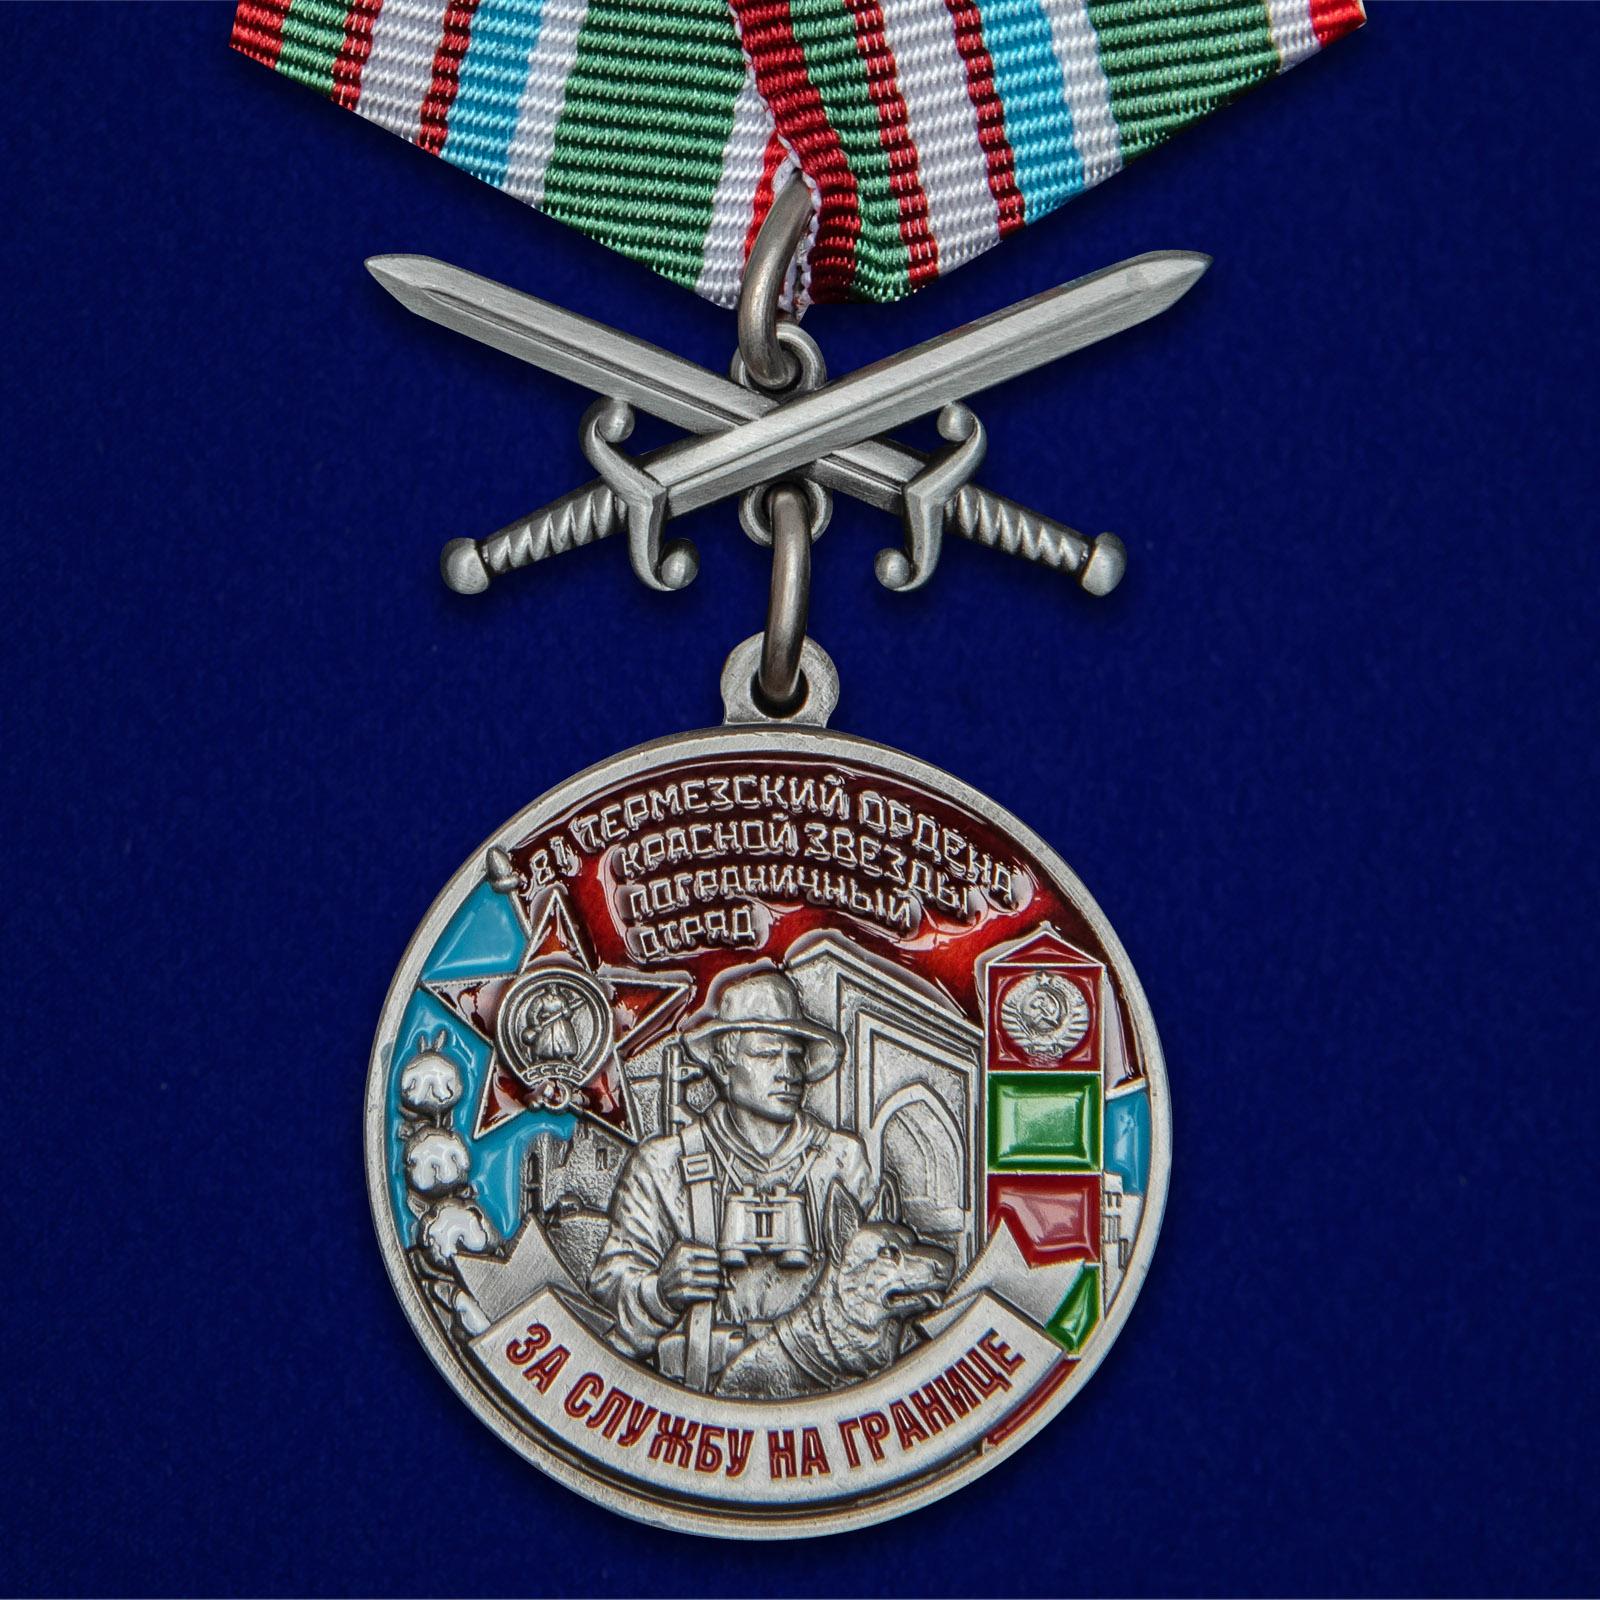 Купить медаль За службу в Термезском пограничном отряде на подставке онлайн